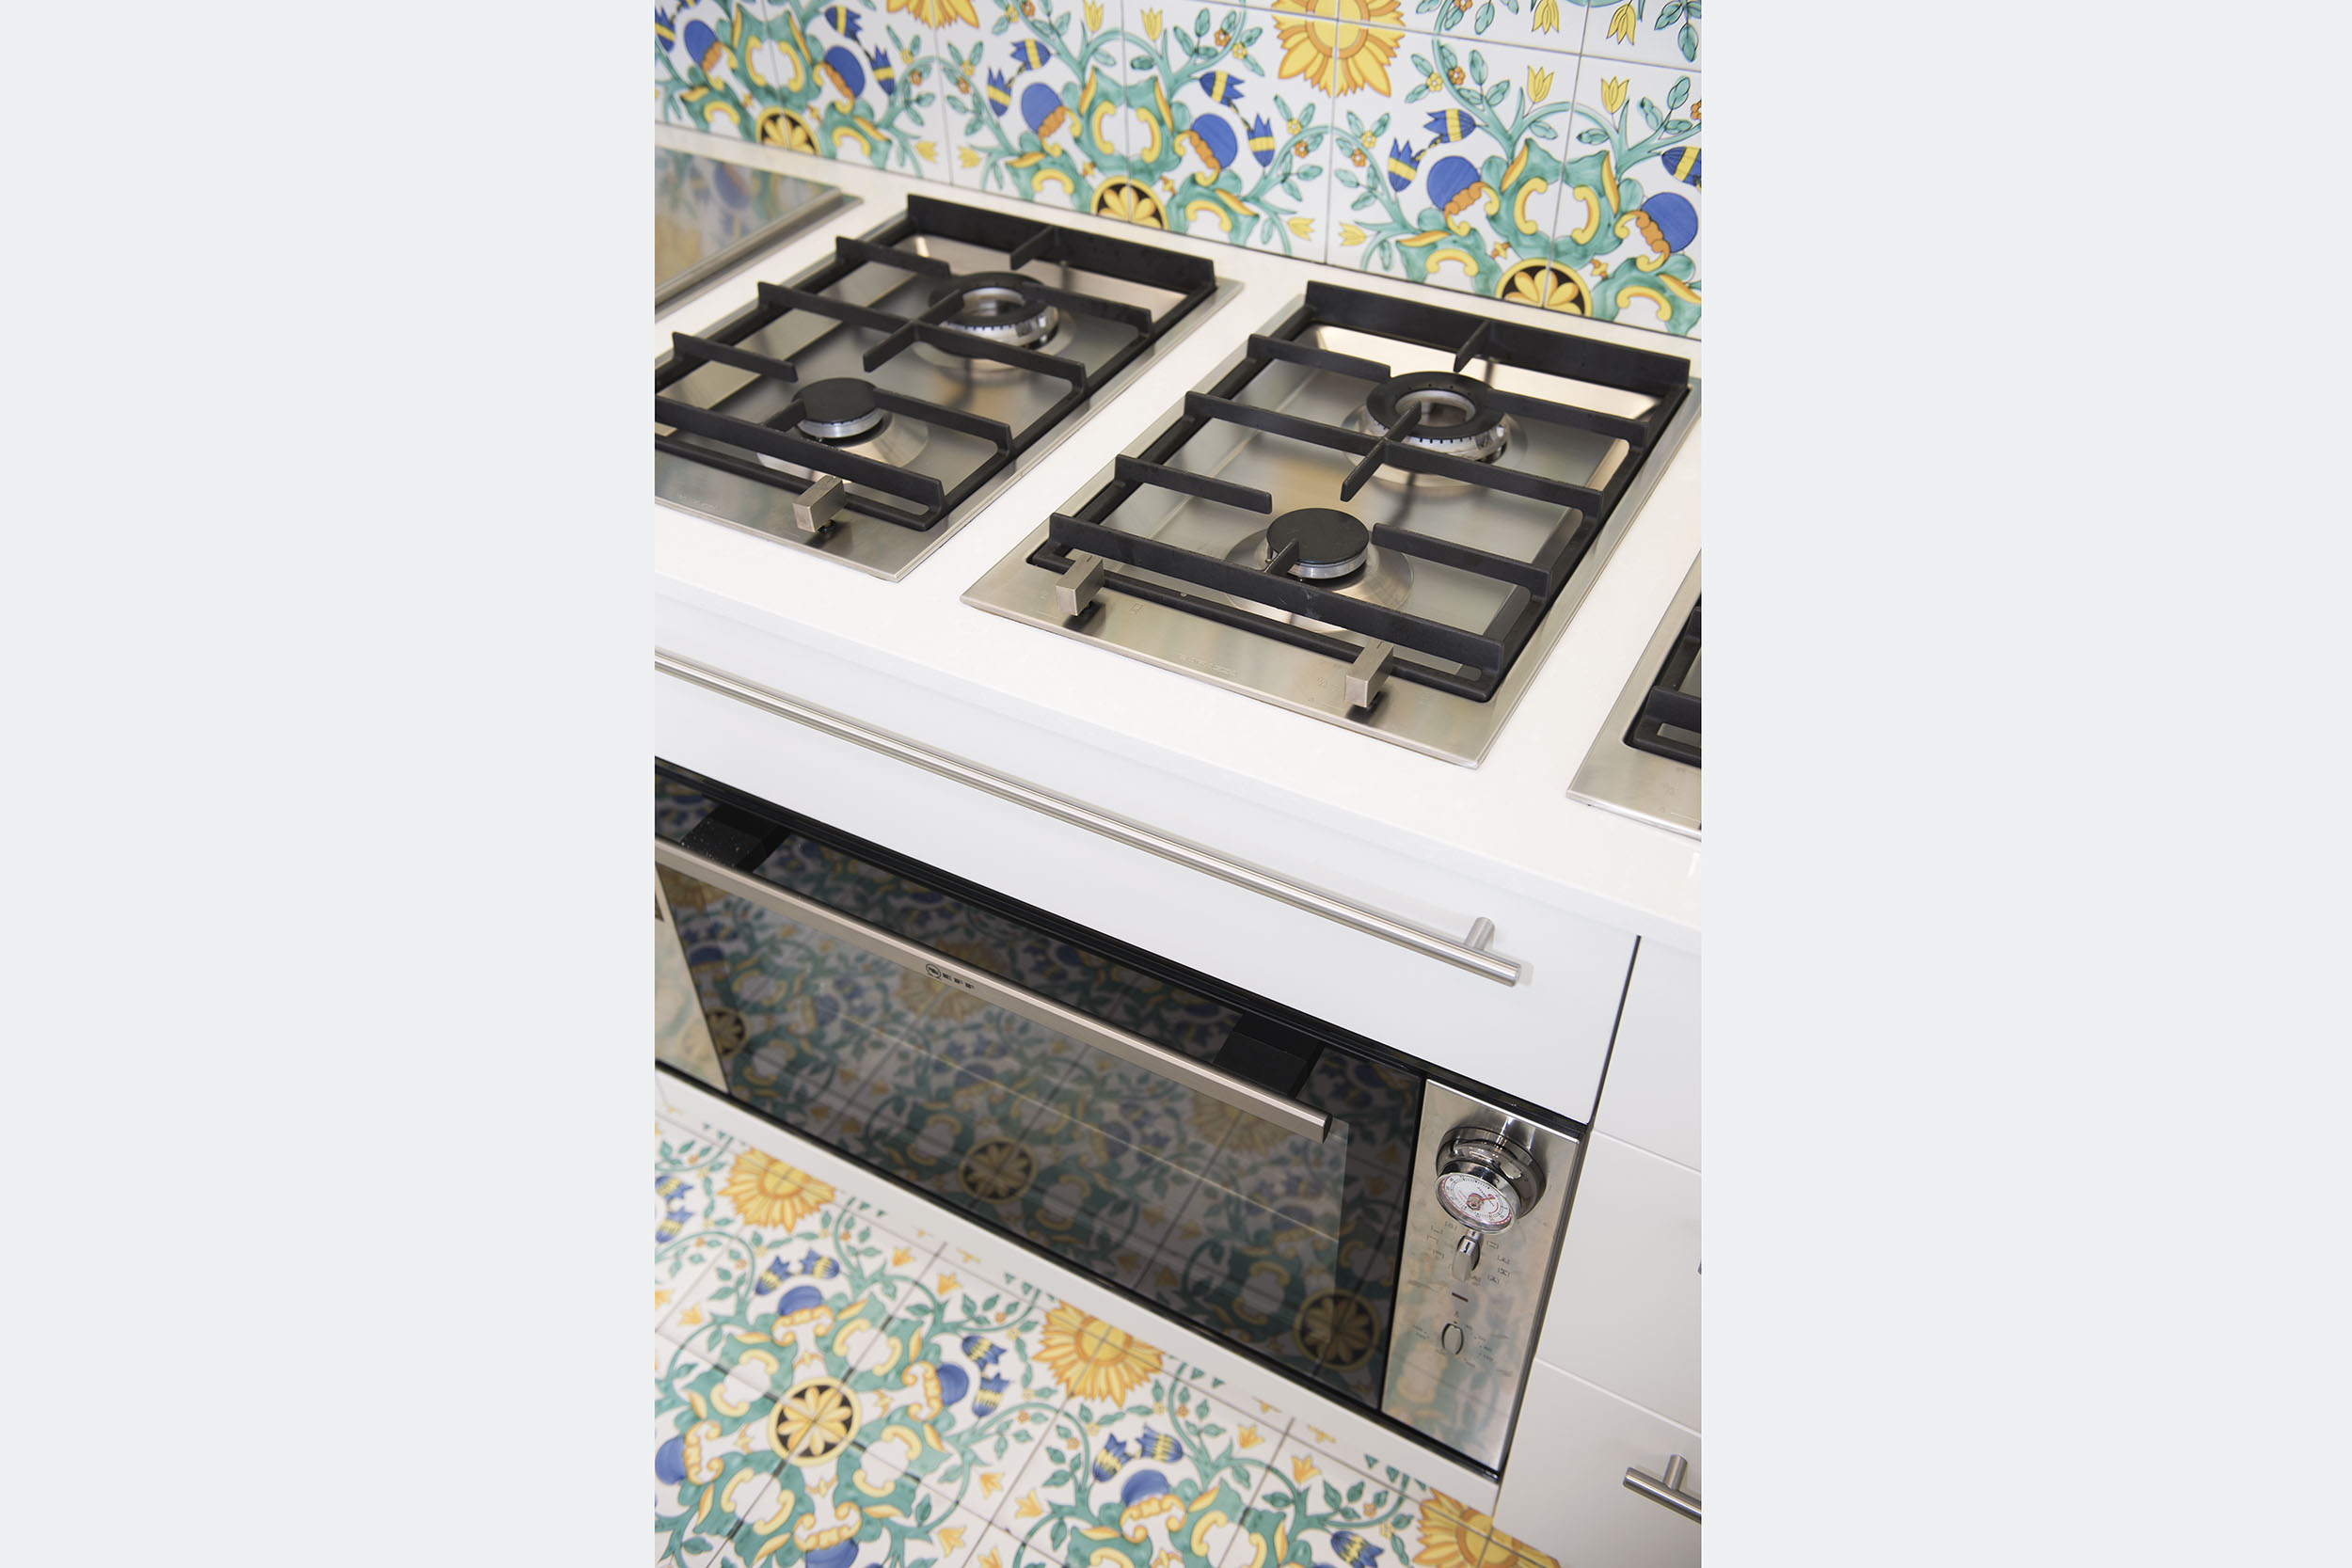 fed interni cucina